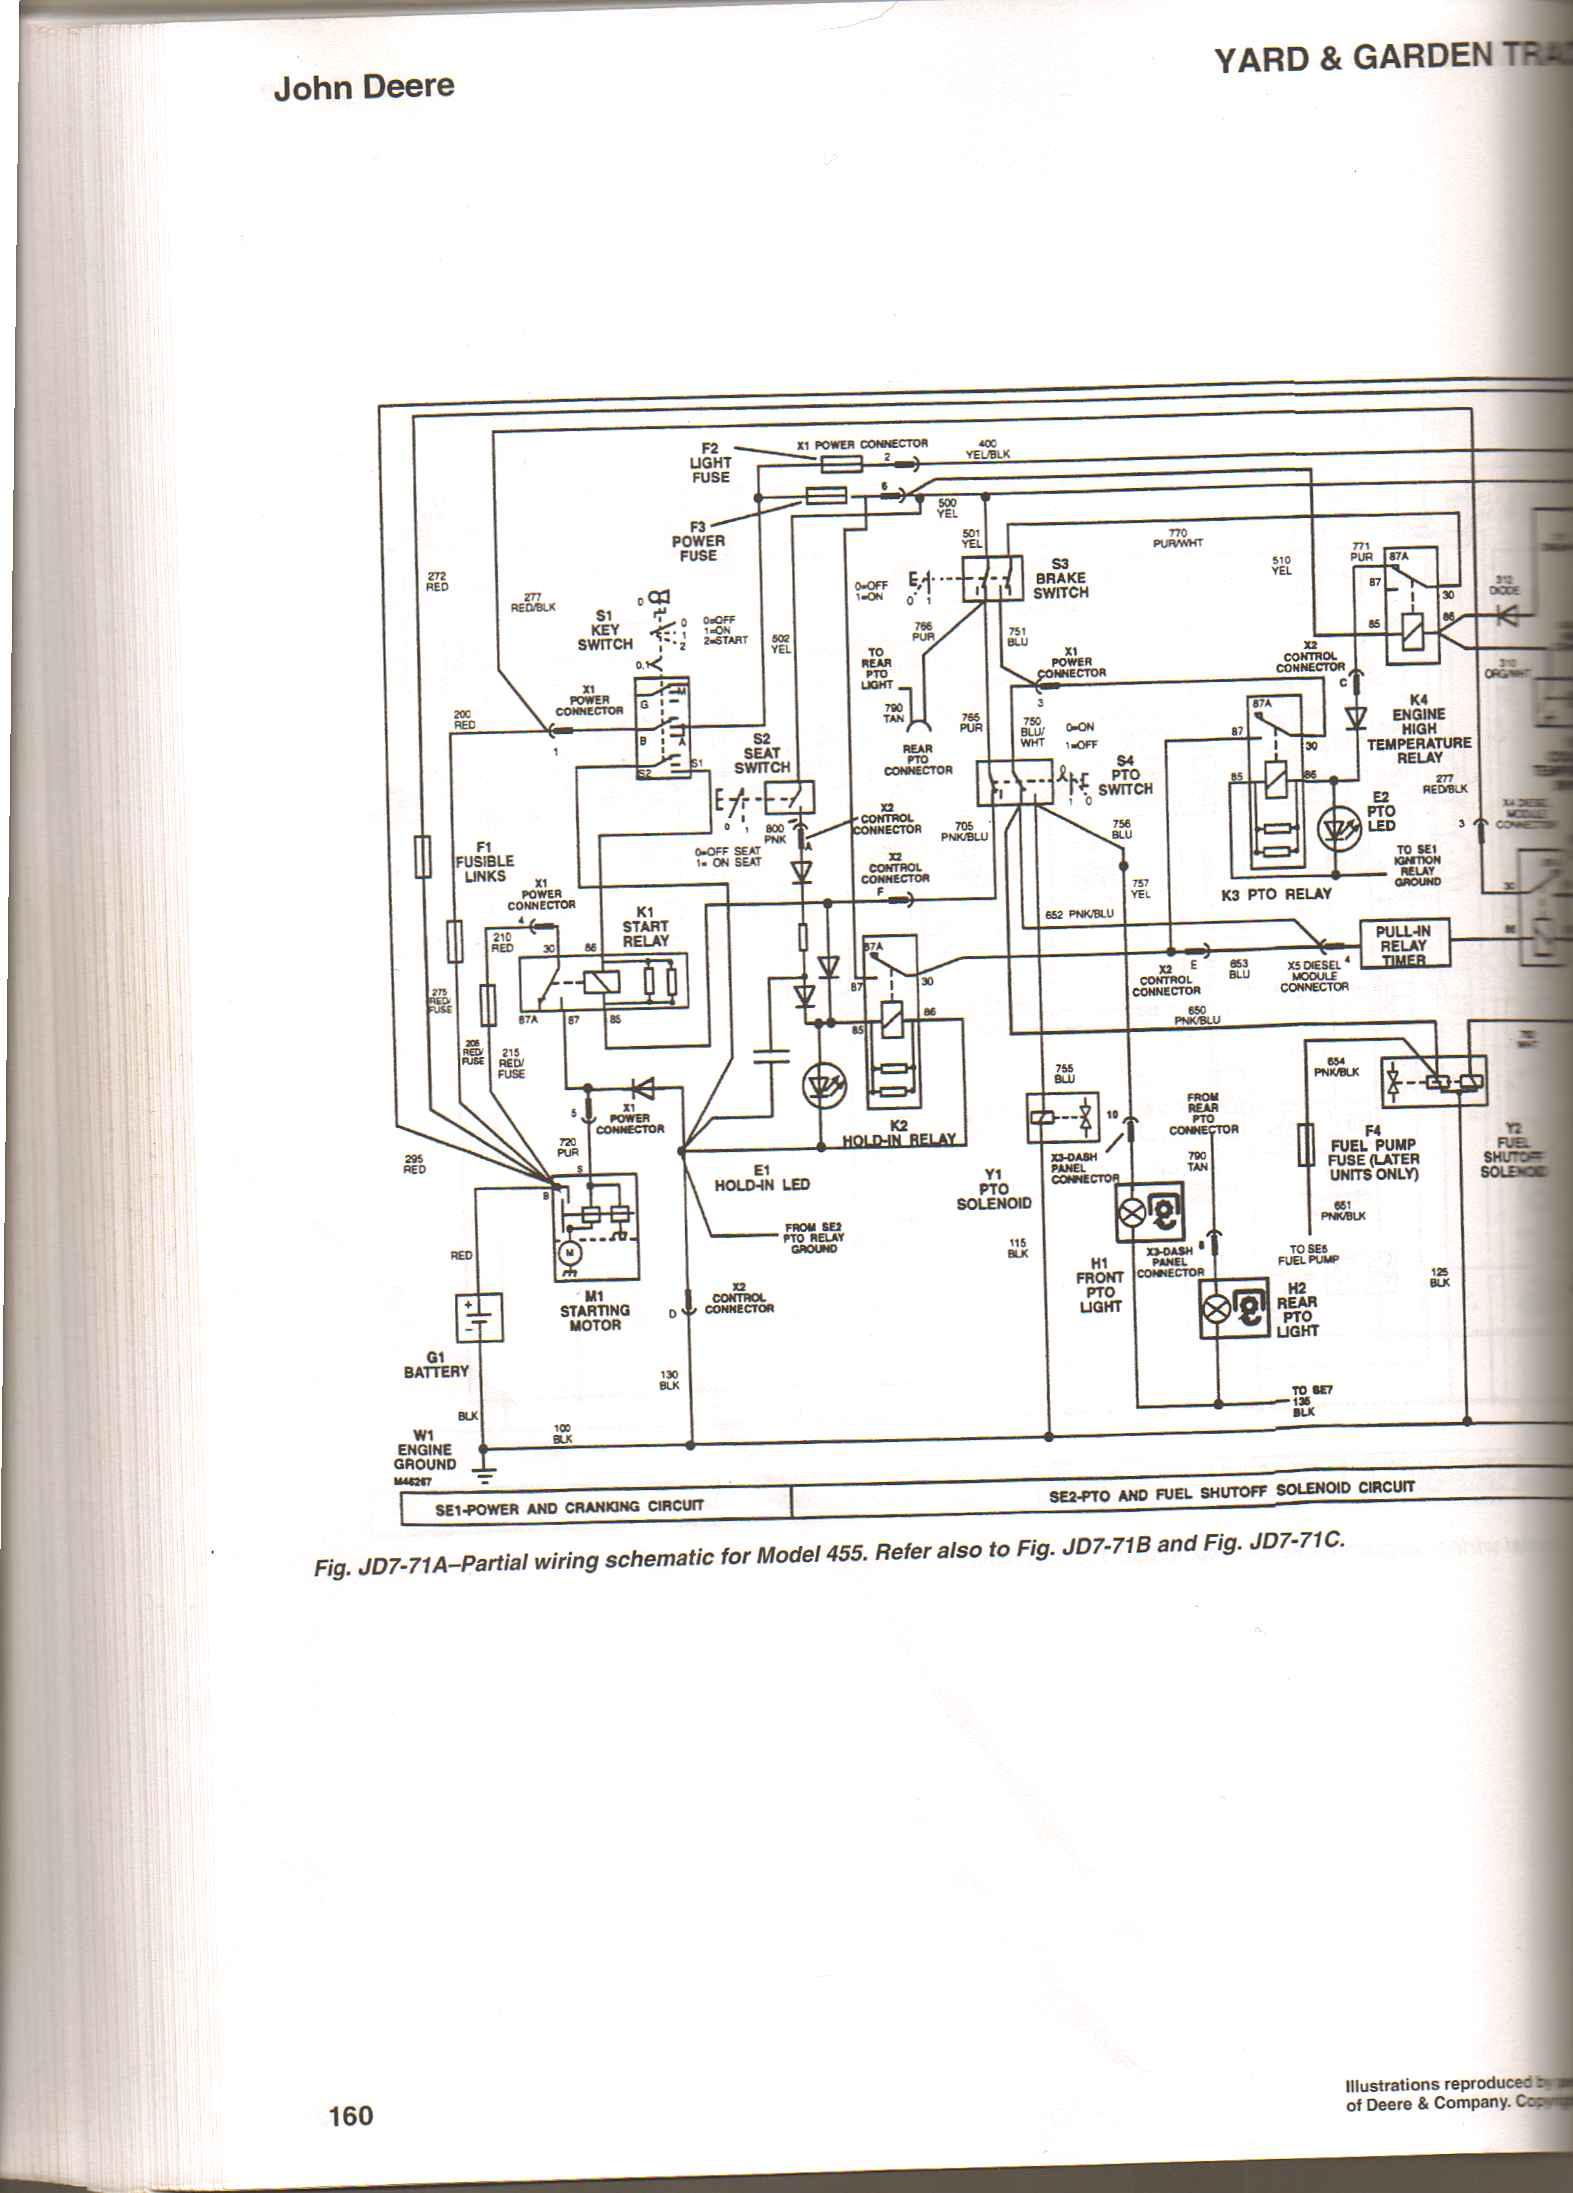 John Deere 455 Wiring Diagram Libraries Tractor Harness Connectors 445 Garden Third